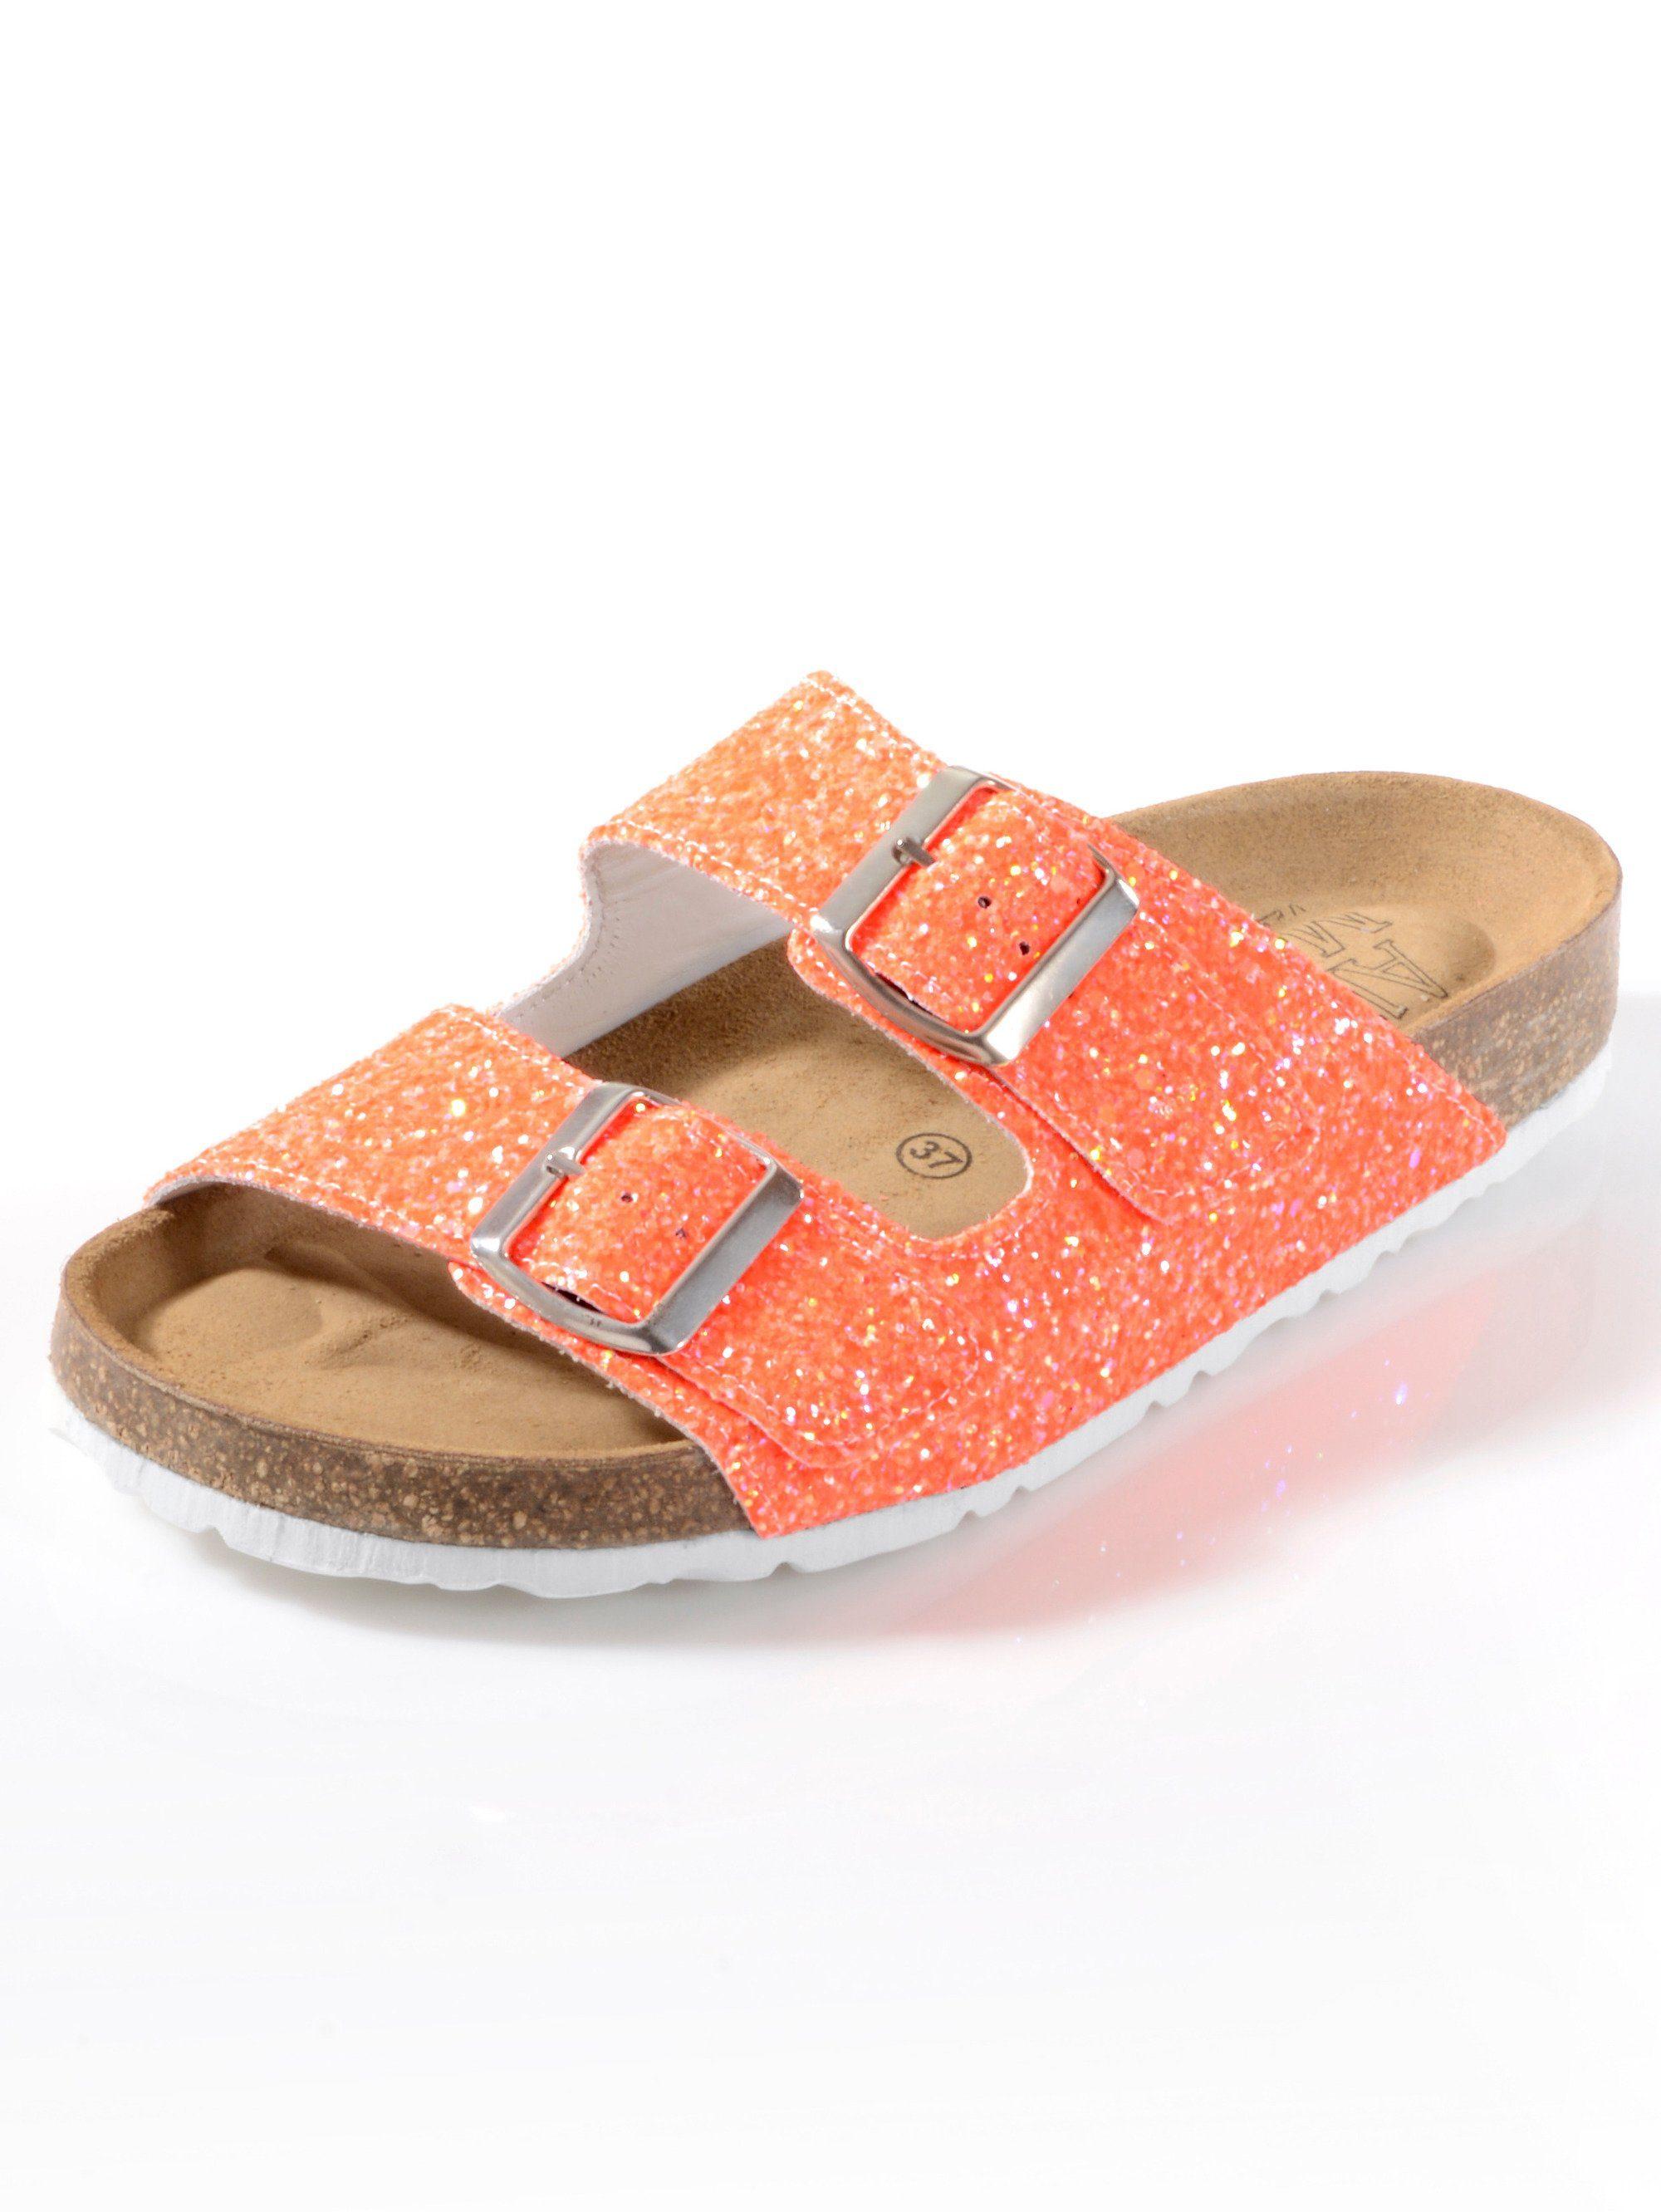 Alba Moda Pantolette mit Glitter besetzt kaufen  orange